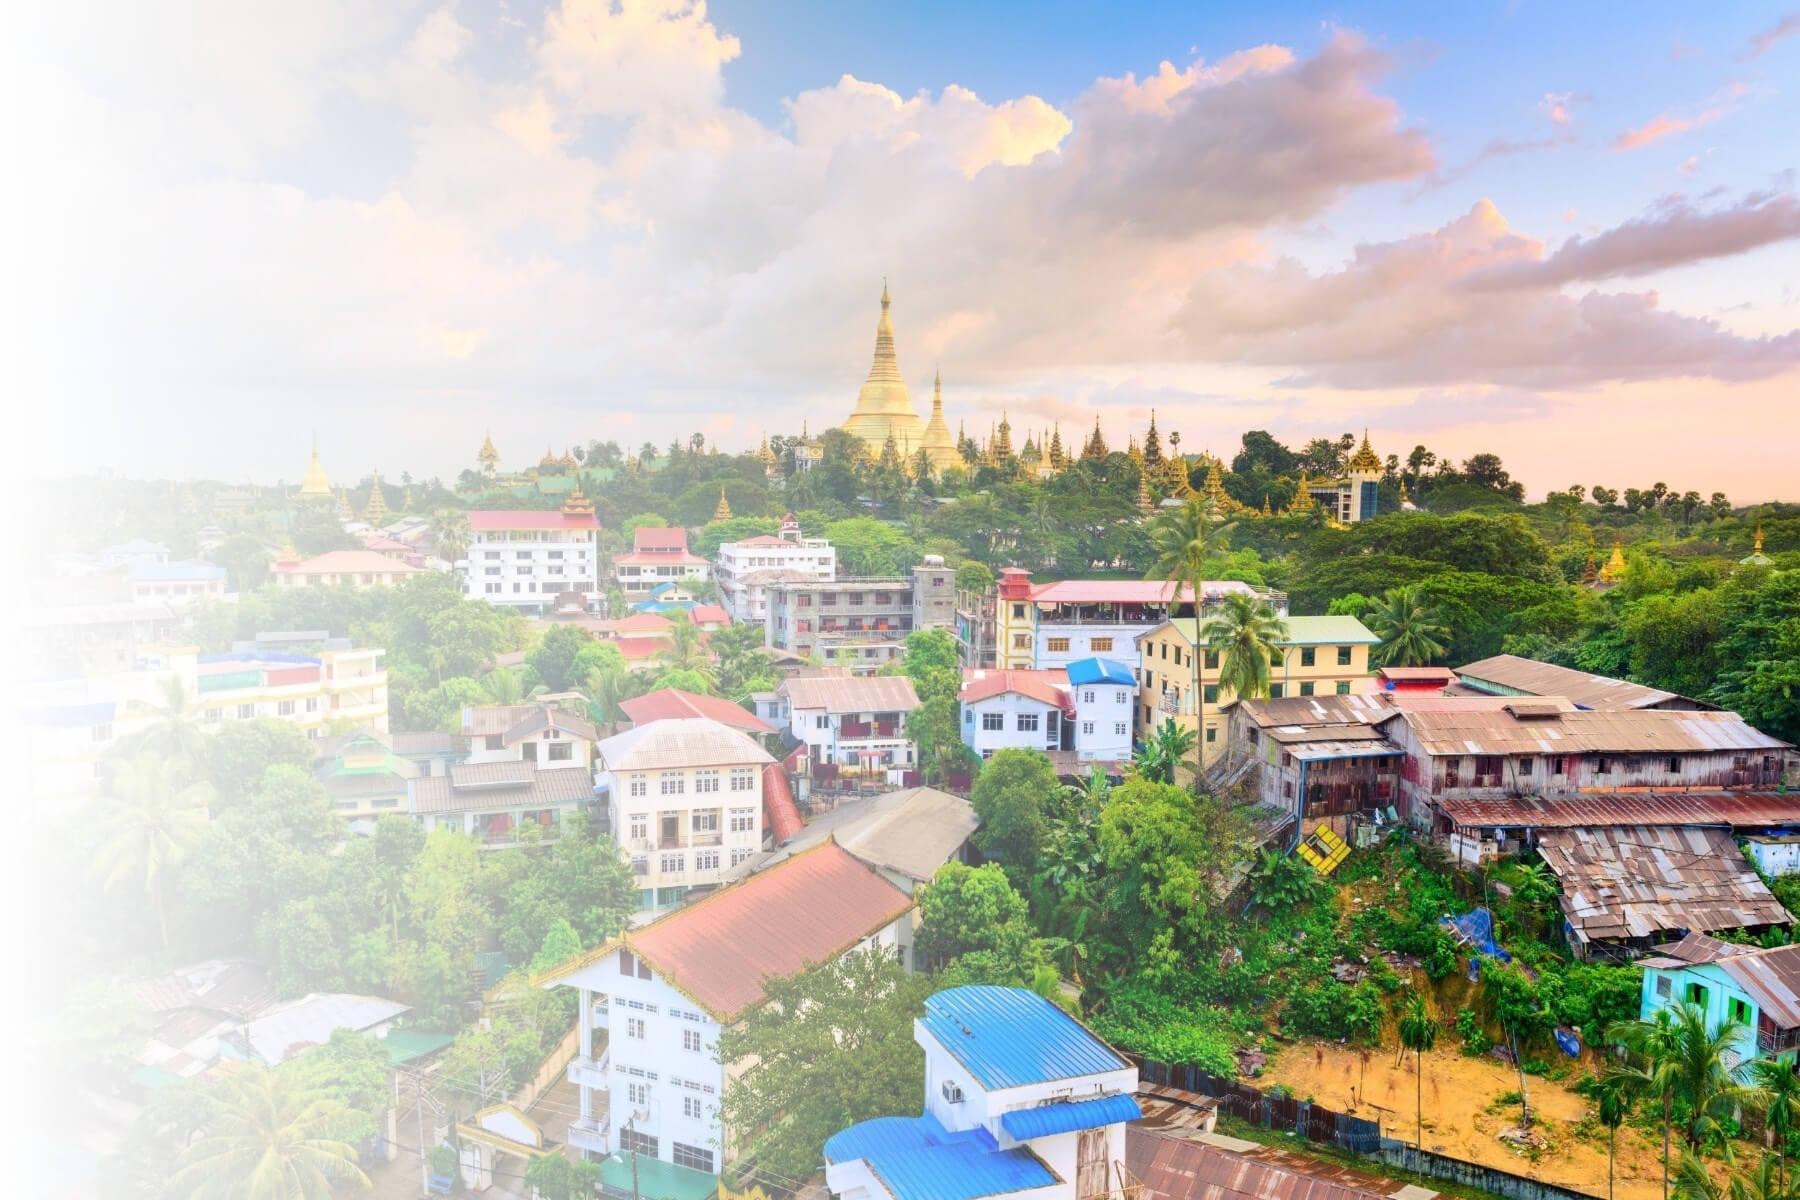 Yangon aeriel view